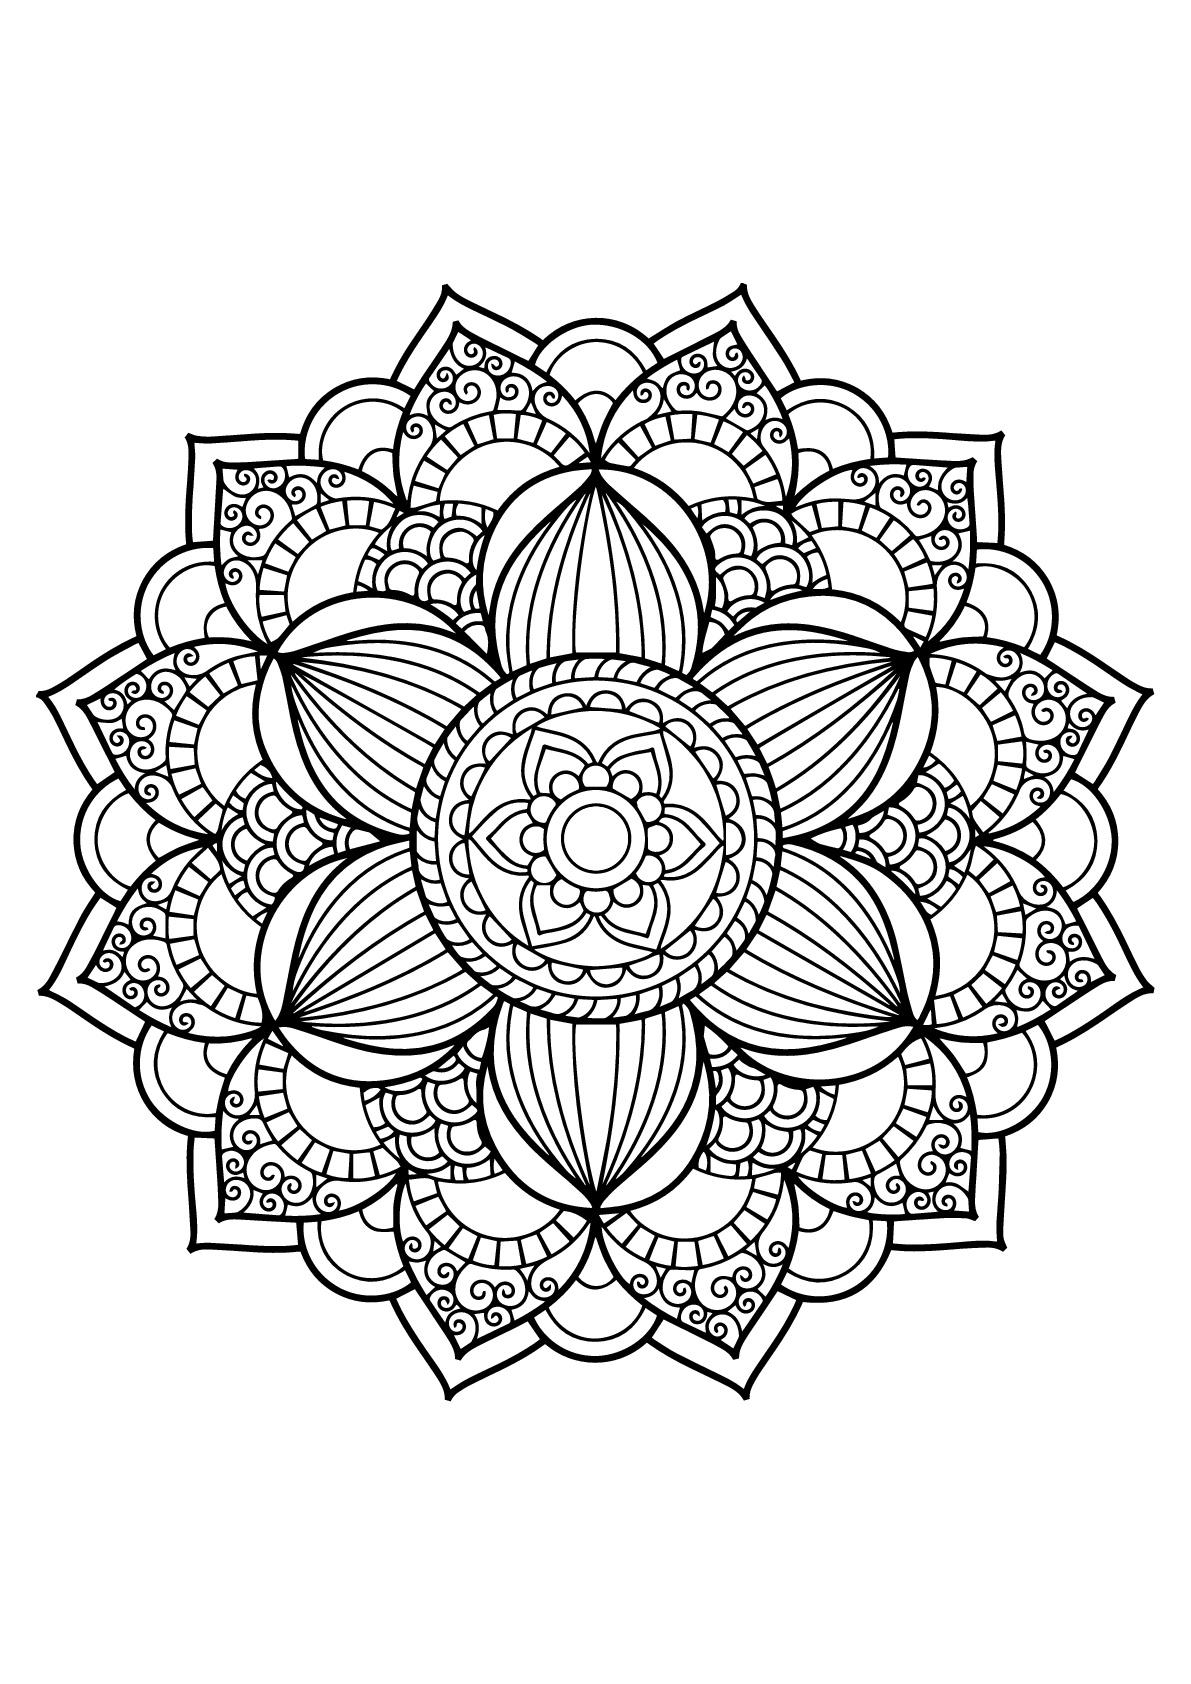 Mandala livre gratuit 17 mandalas coloriages - Coloriage a imprimer mandala gratuit ...